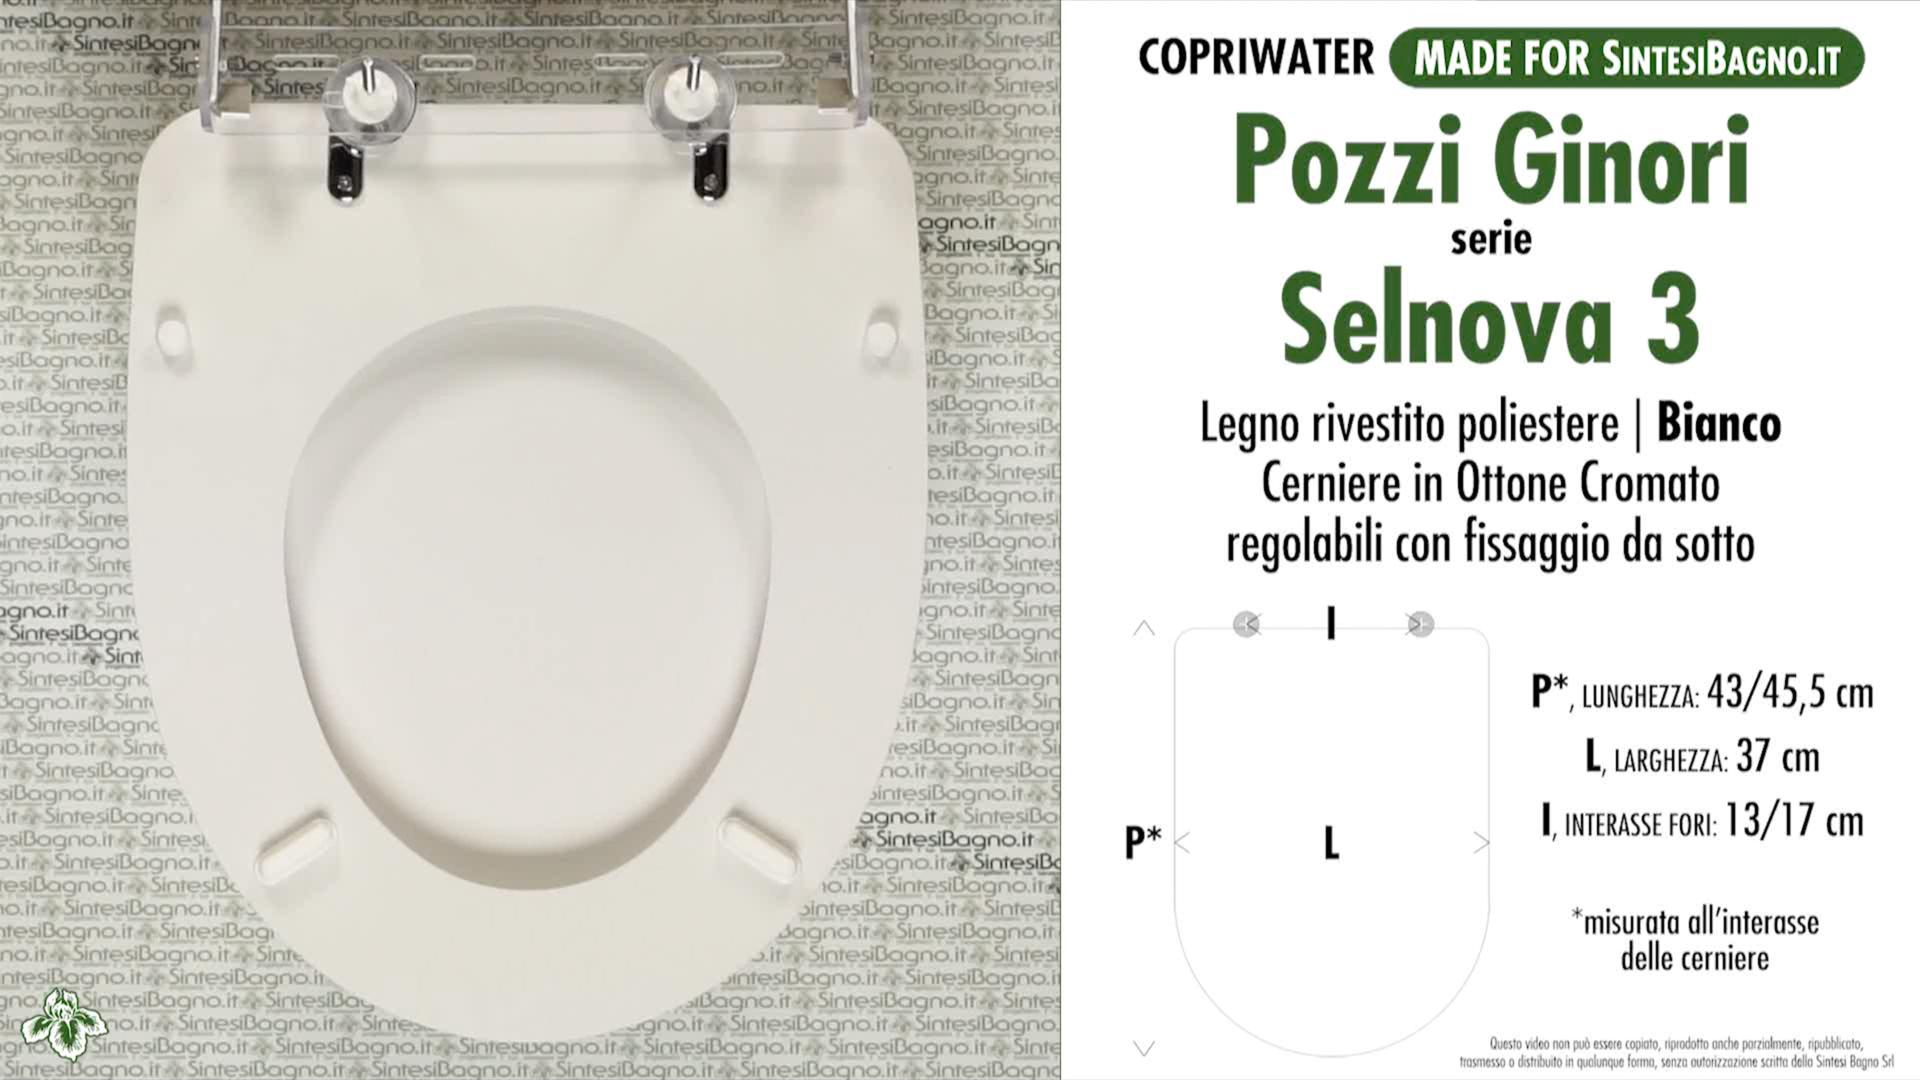 SCHEDA TECNICA MISURE copriwater POZZI GINORI SELNOVA 3